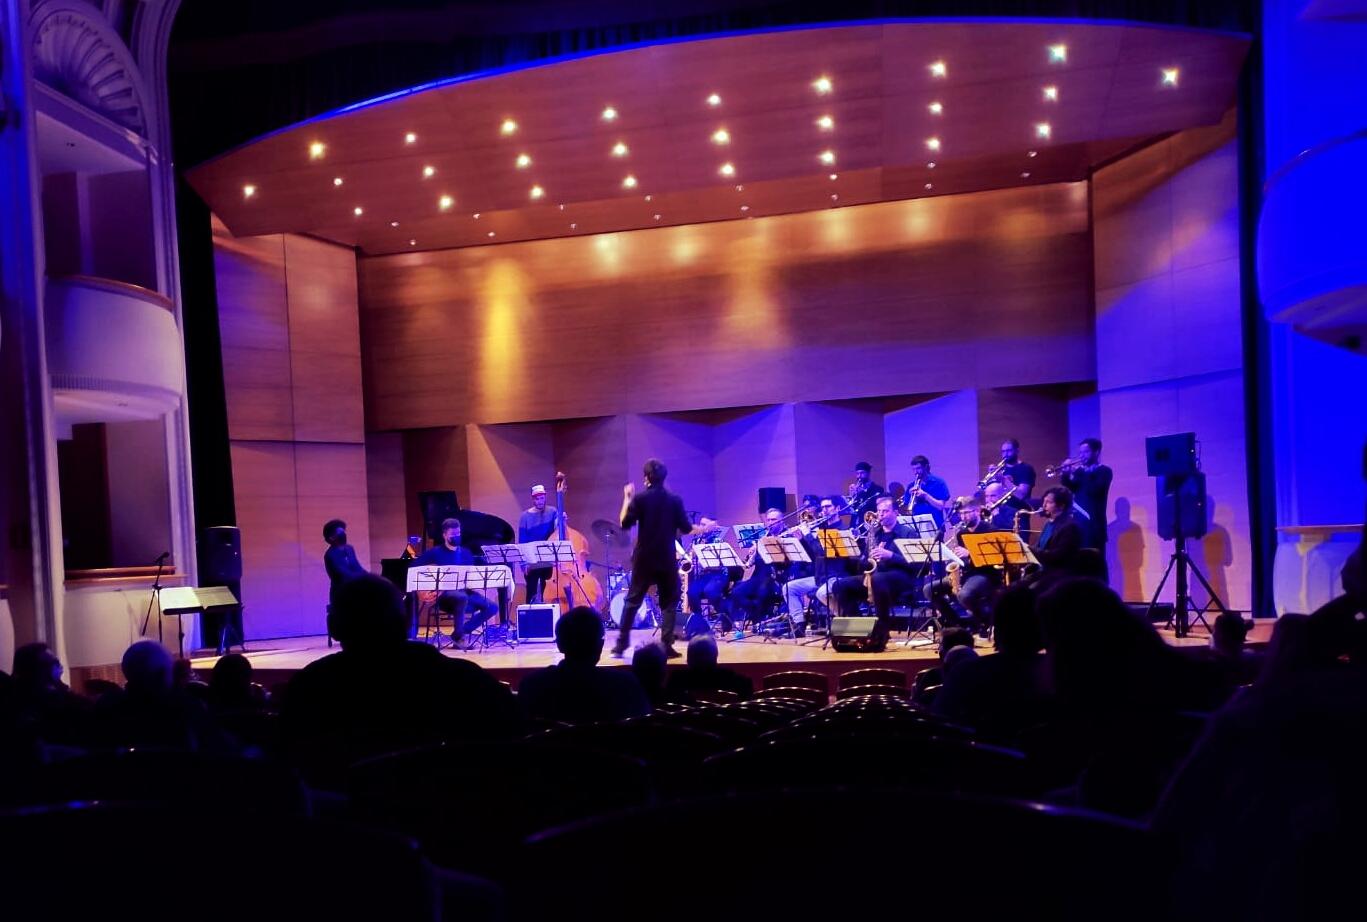 11 de Febrero: Concierto en Sevilla  - CJBb Pro con Toni Vaquer